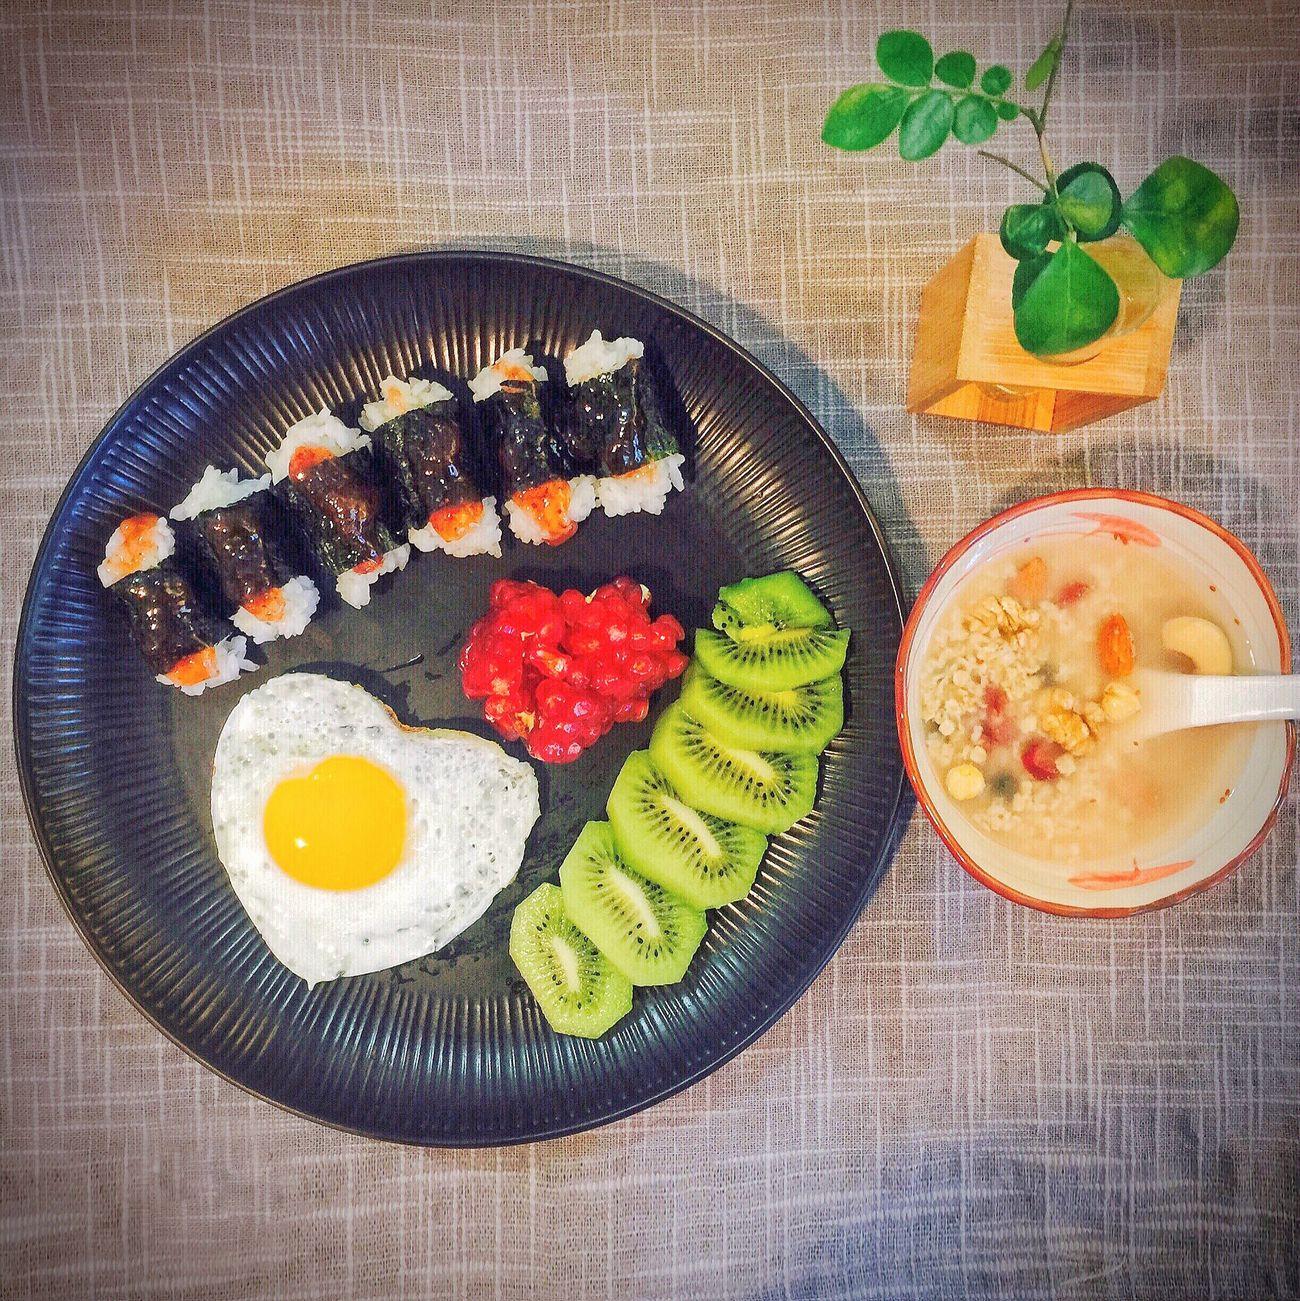 【❤️】中餐就吃紫菜包饭吧 😜 春子私房菜 一个人生活 手机摄影 美食 午餐 早餐